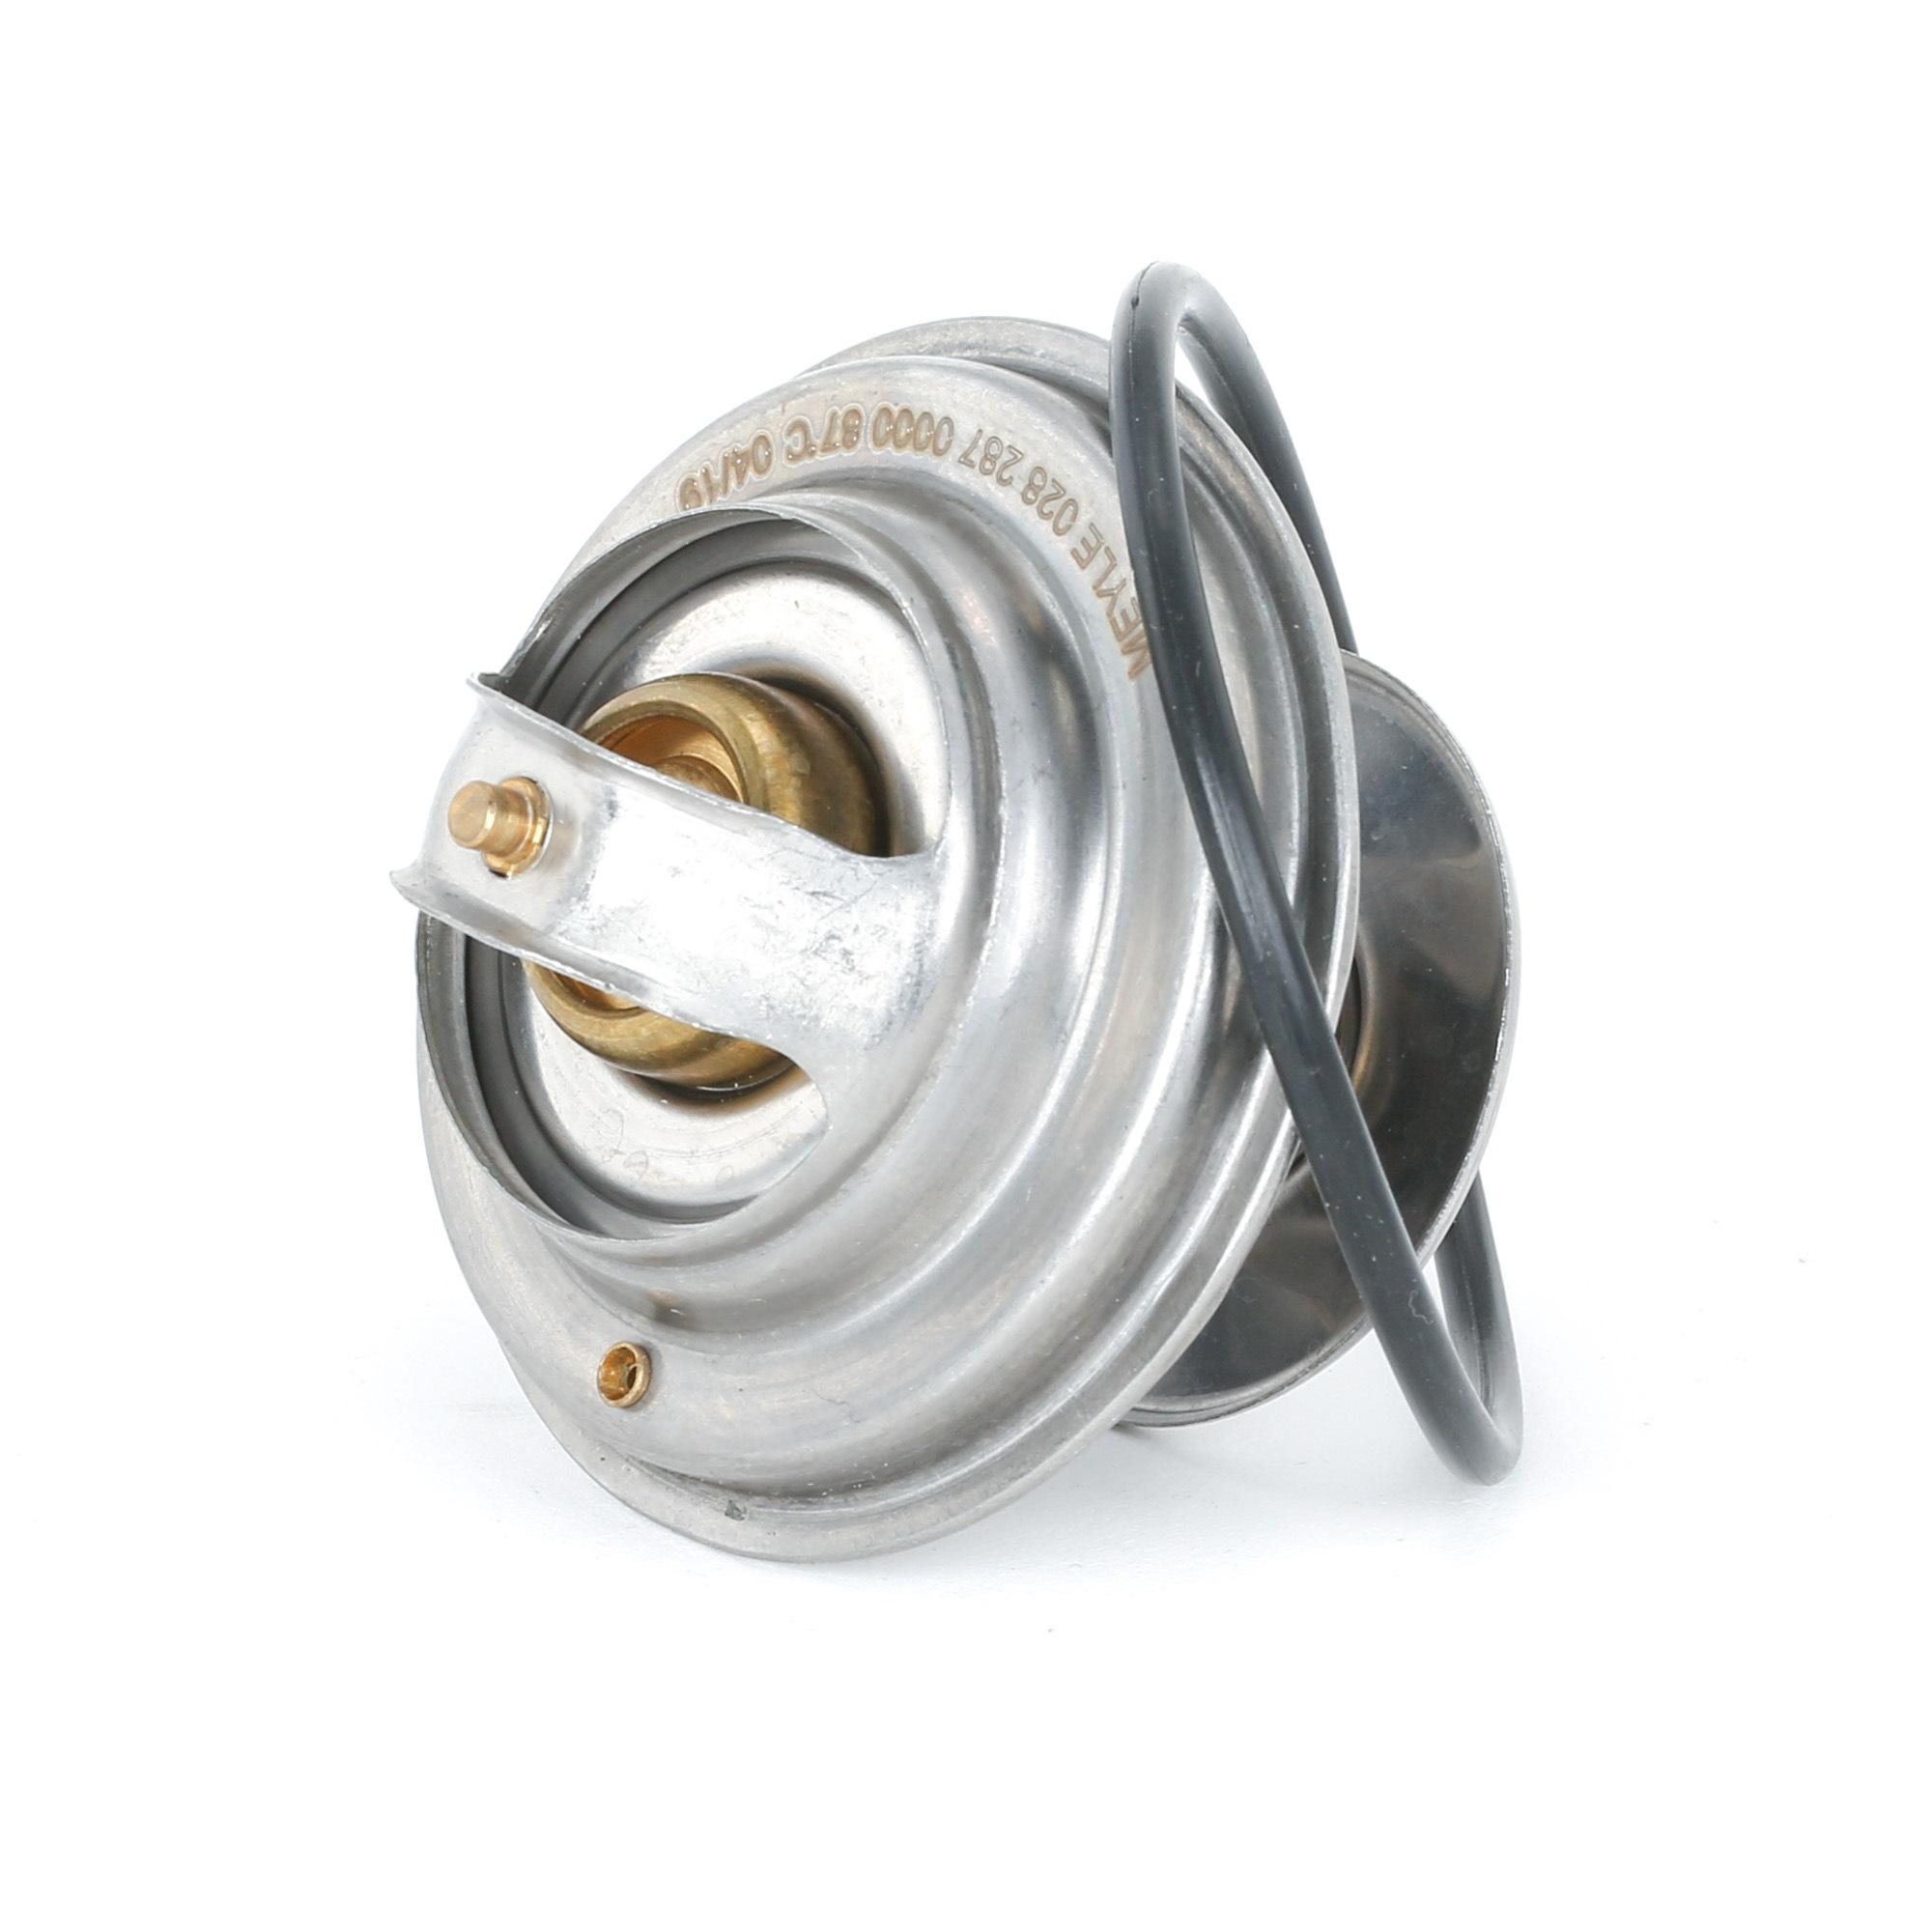 MTH0027 MEYLE Öffnungstemperatur: 87°C, mit Dichtung, ORIGINAL Quality Thermostat, Kühlmittel 028 287 0000 günstig kaufen